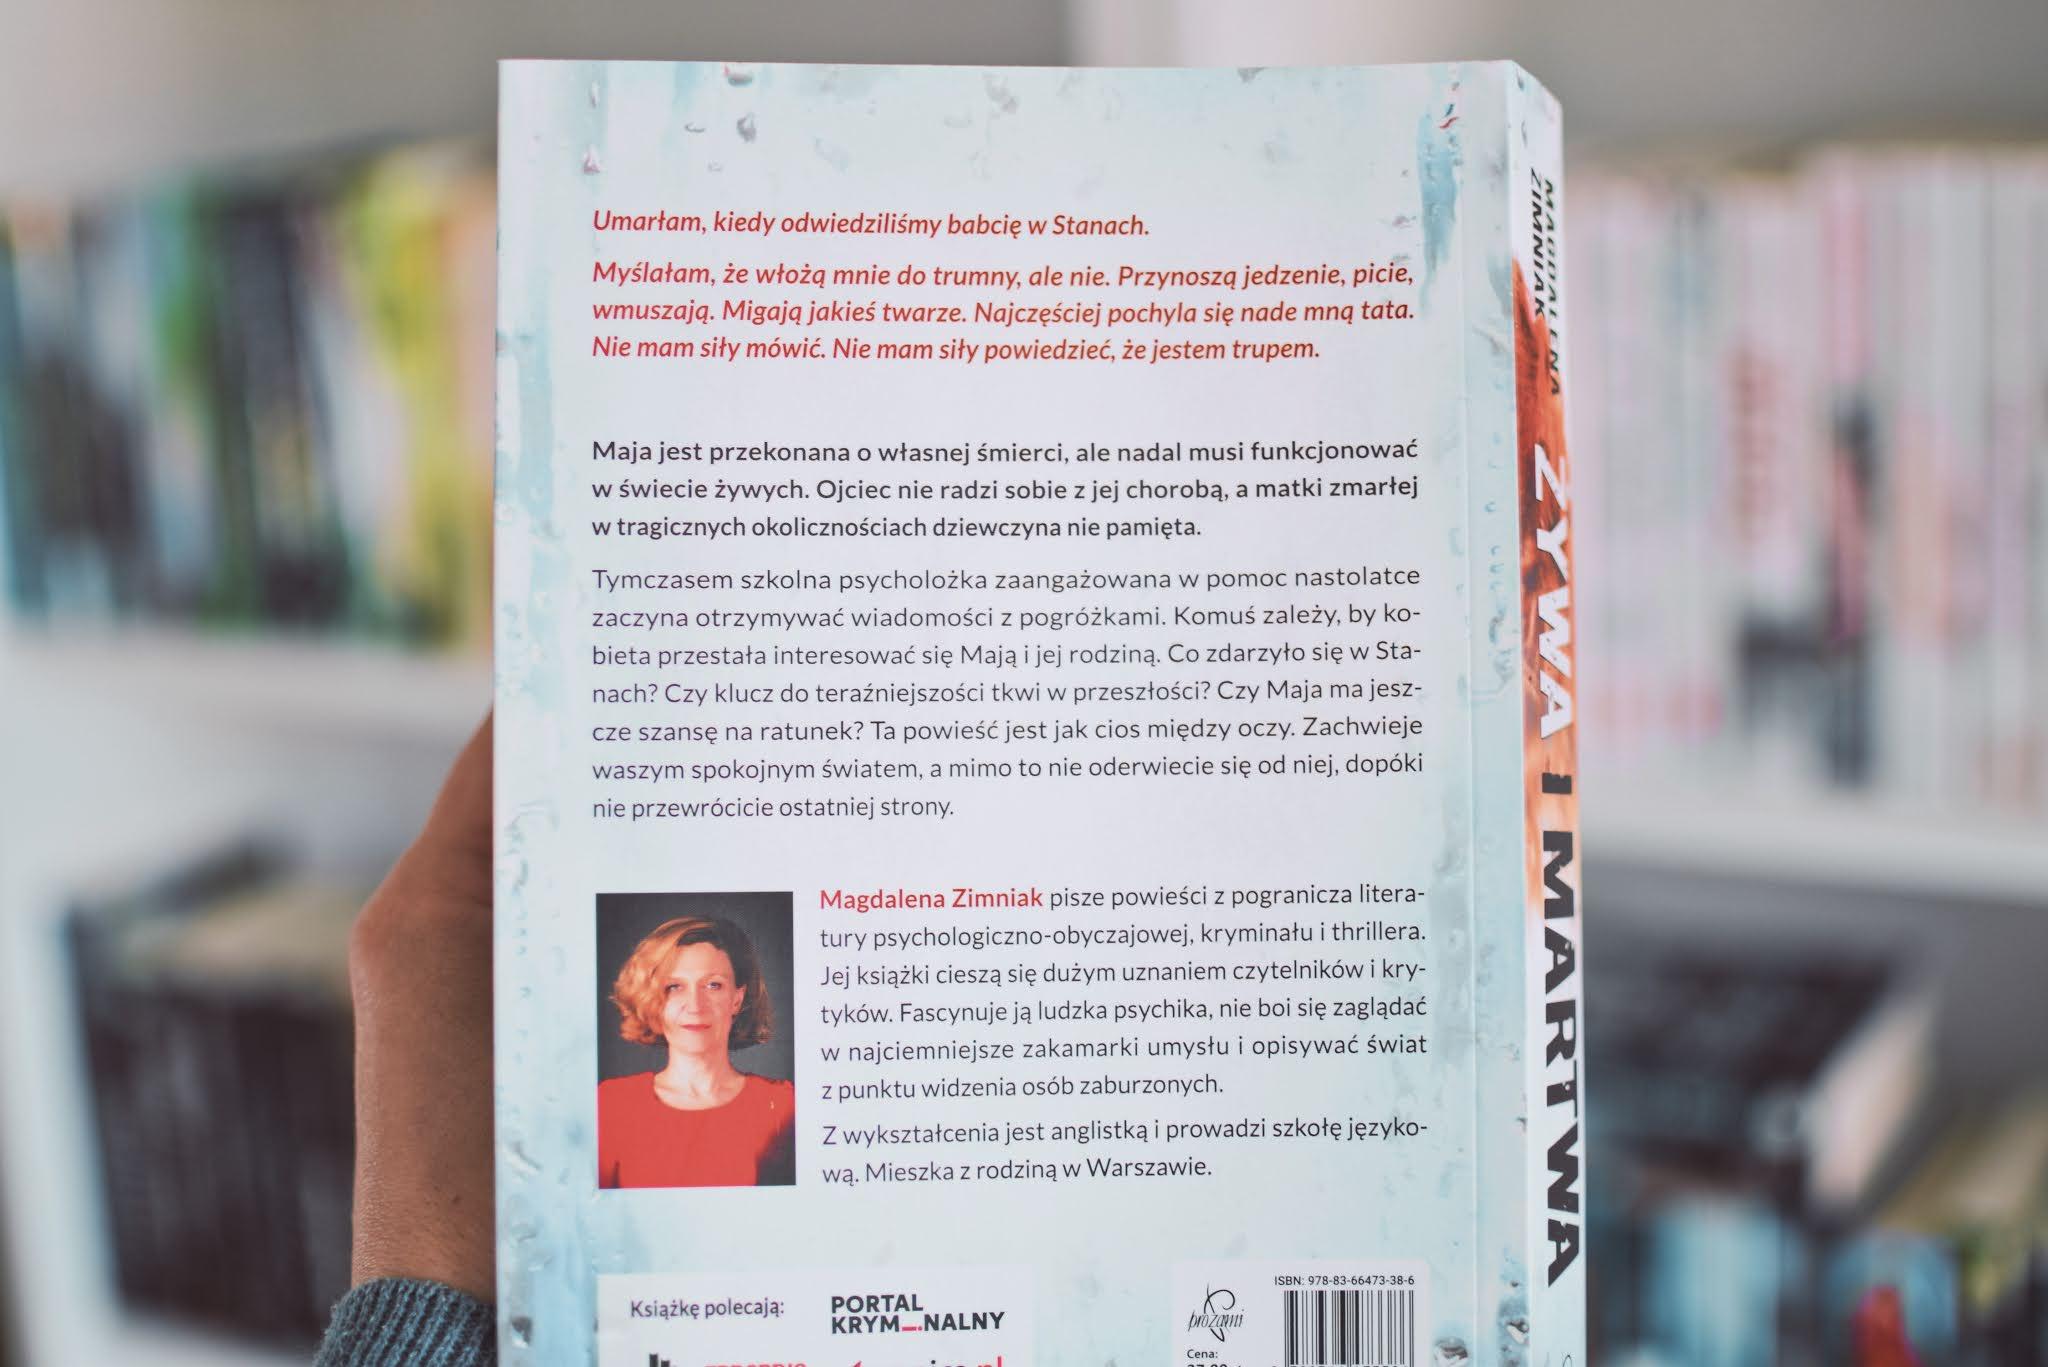 ŻywaIMartwa,MagdalenaZimniak,WydawnictwoProzami,thriller,pedofil,rodzina,opowiadanie,recenzja